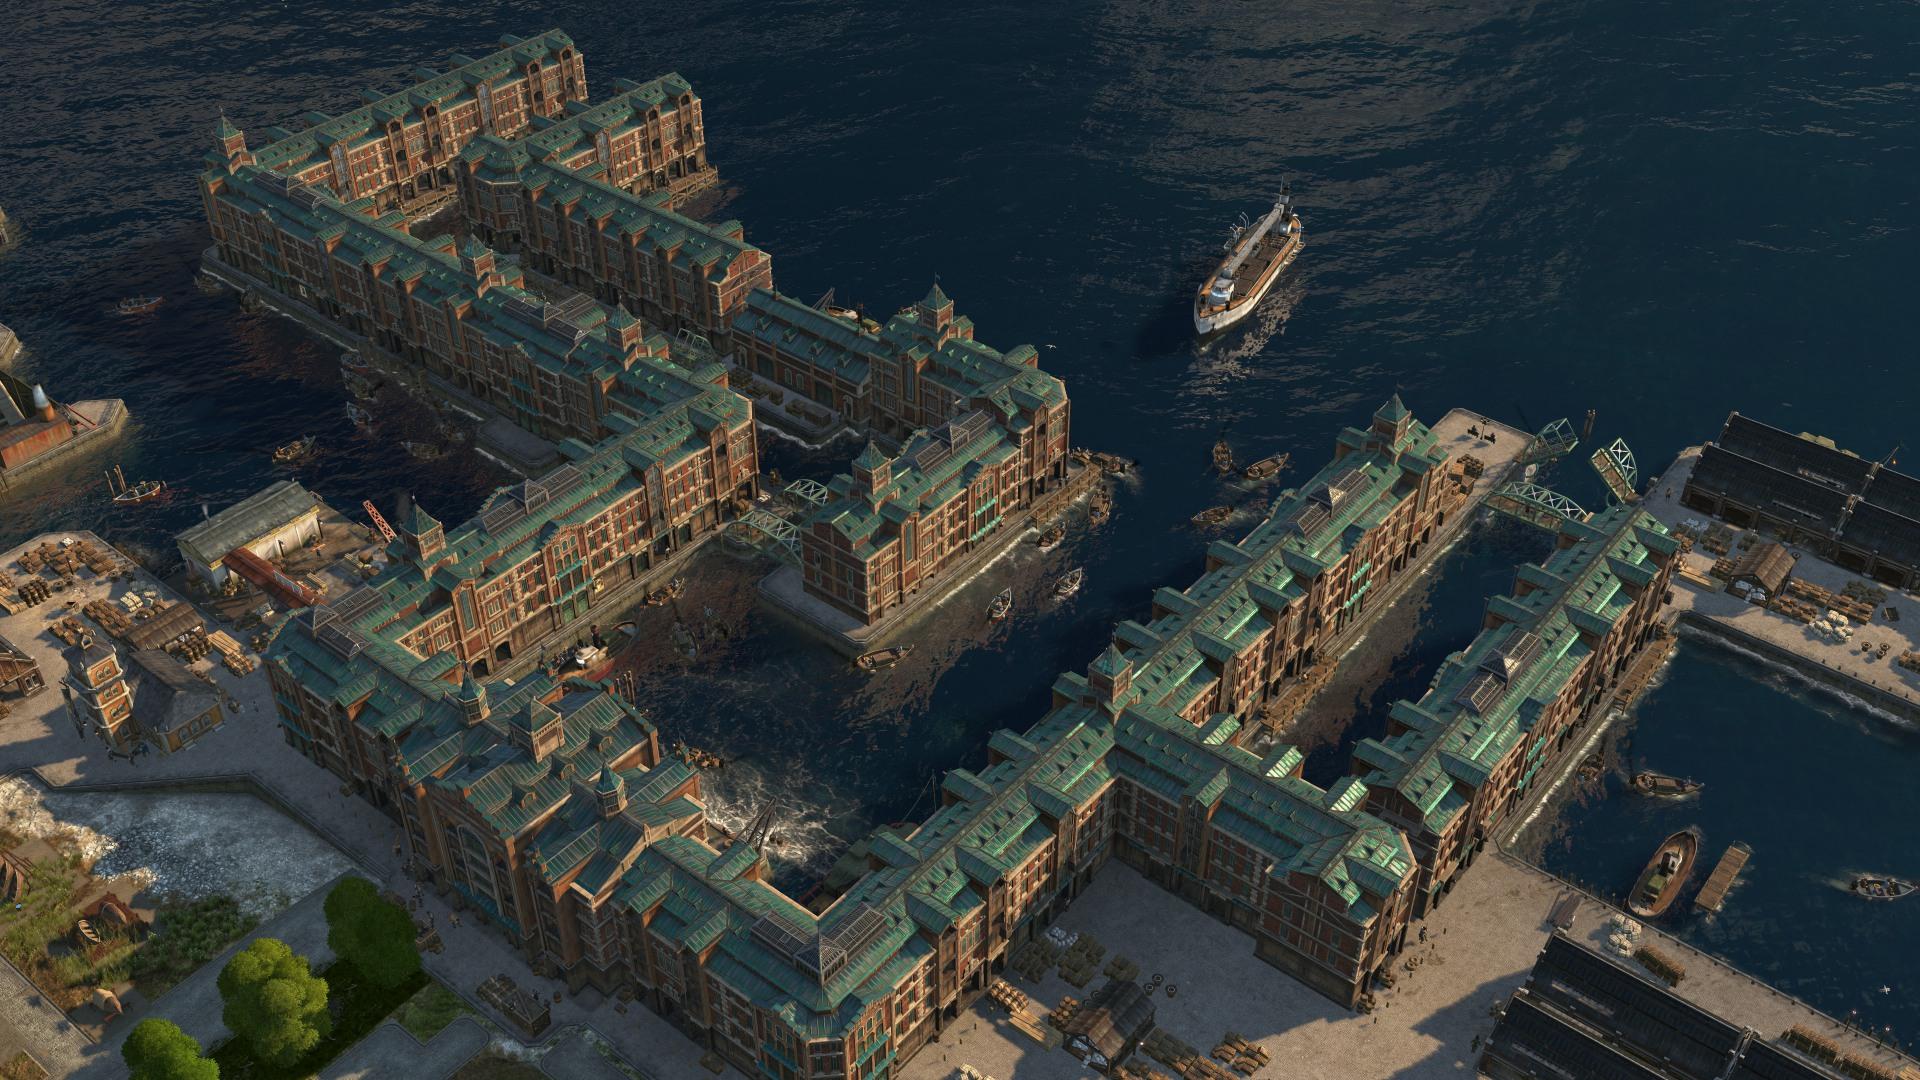 Anno1800_DLC7_Docklands_Screenshot_5-495116033a0d280d2c5.80068289.jpg